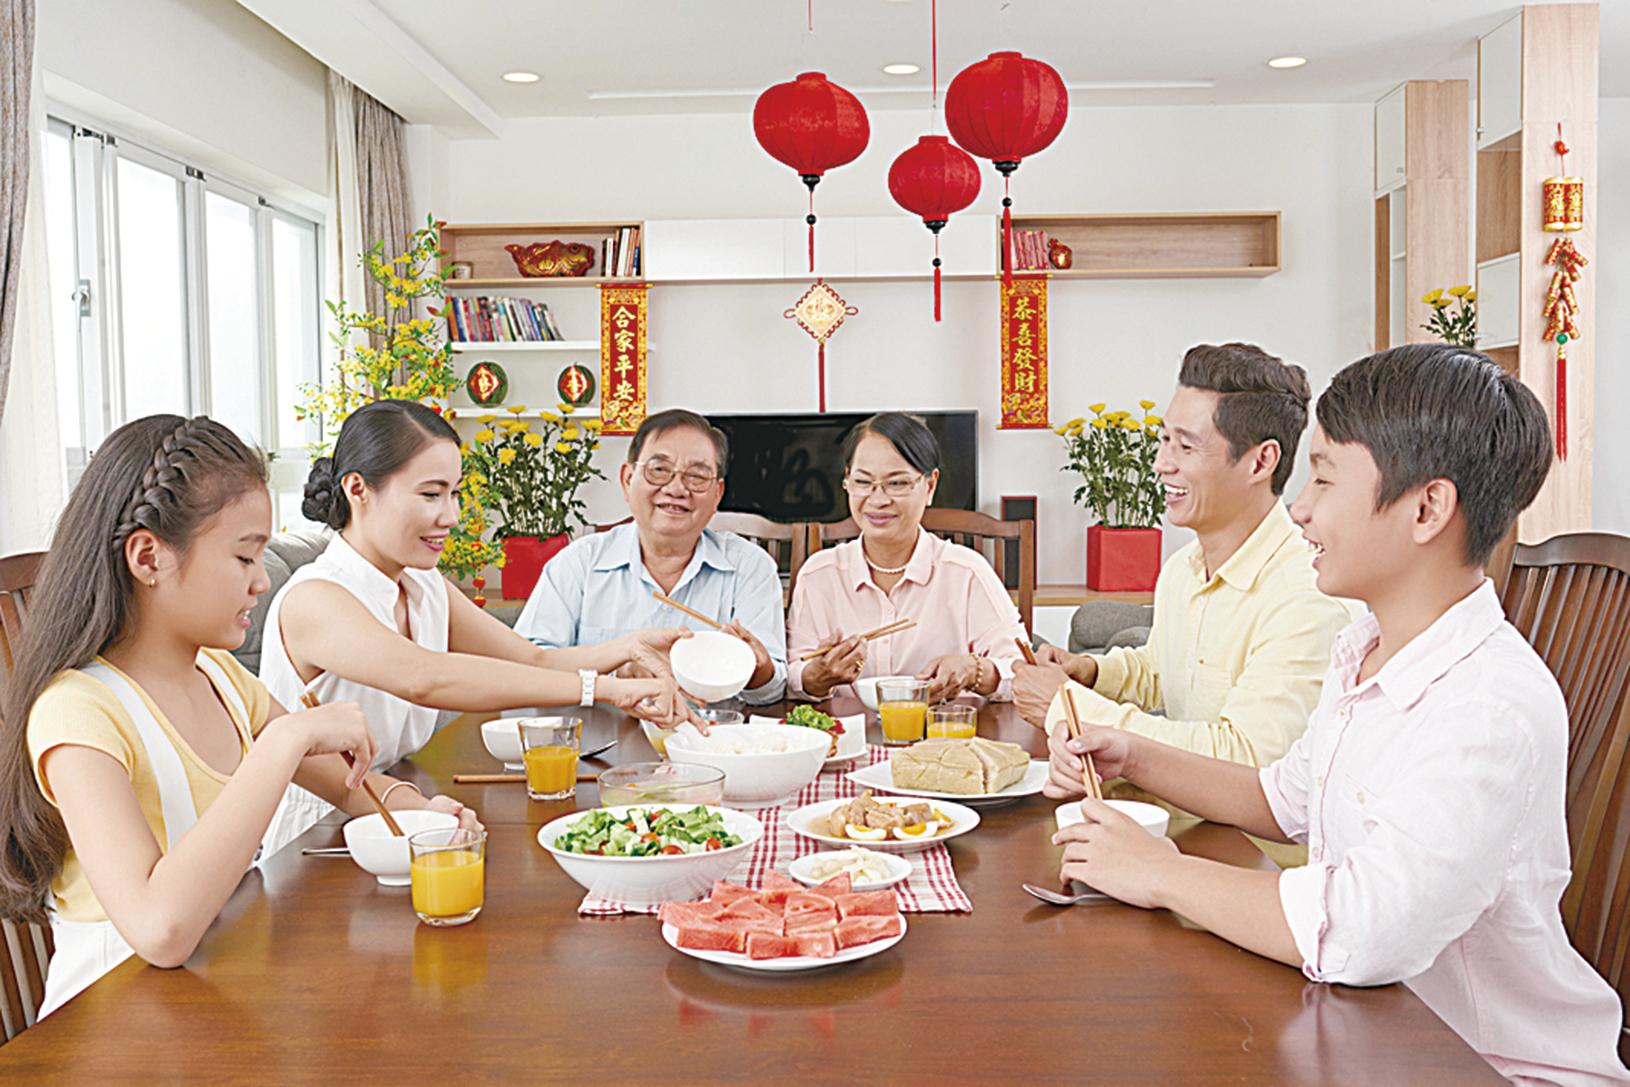 根據消化能力掌握食物攝入量是明智的決定,並且清潔和強化消化道和器官應被視為首要任務。完成此操作後,那些美味又健康的食物將為身體提供適當的能量,並帶來更加年輕的感覺。 (Fotolia)